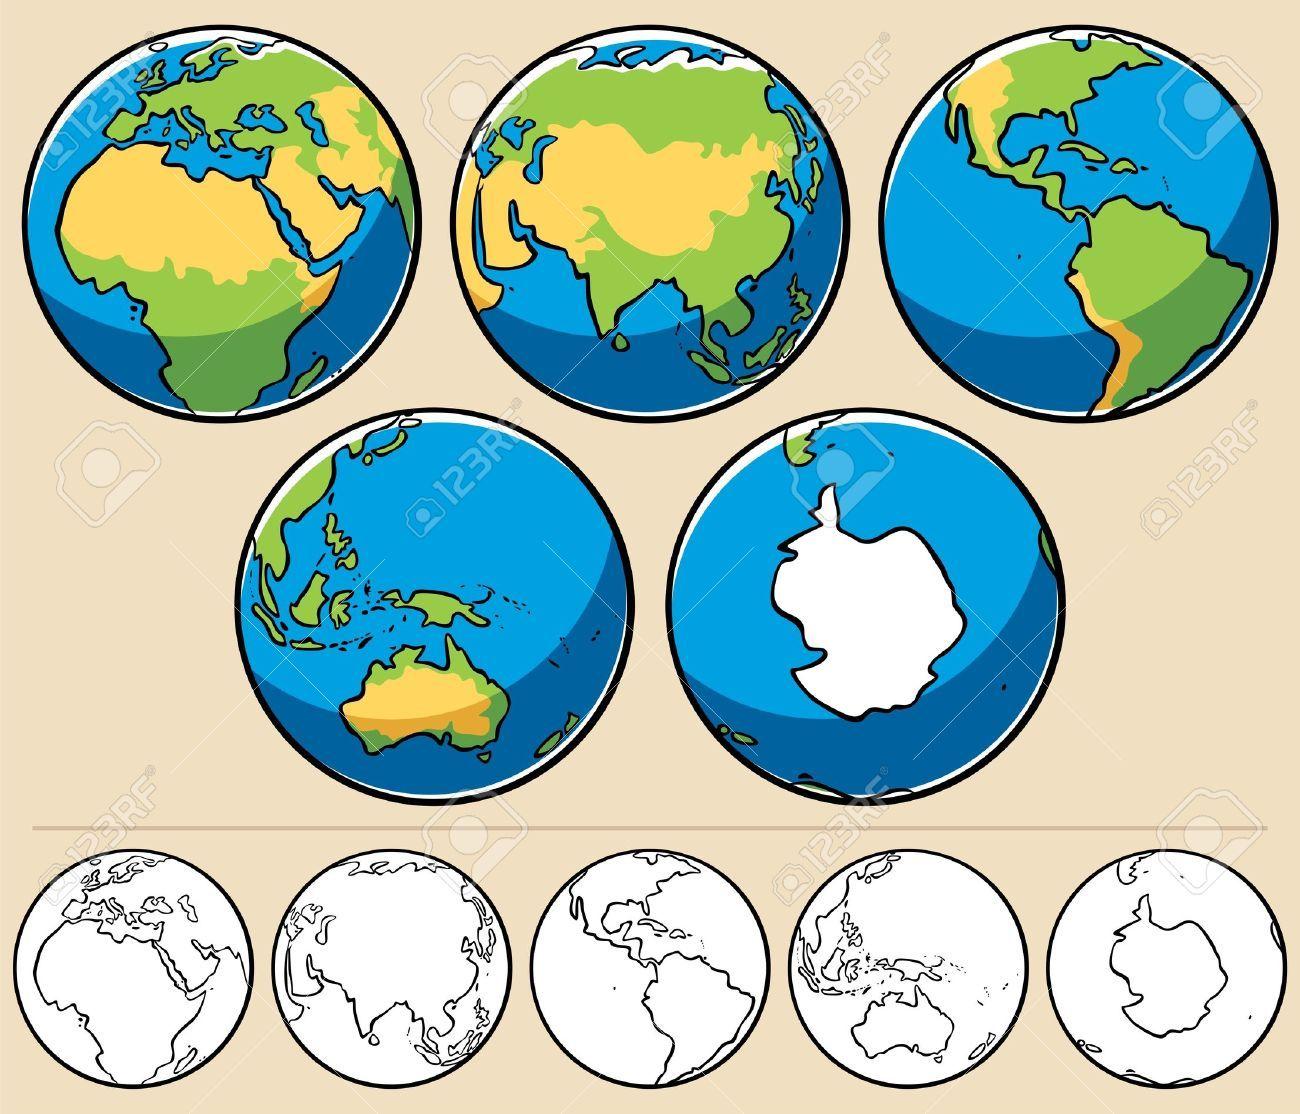 Dibujo Continentes La Tierra